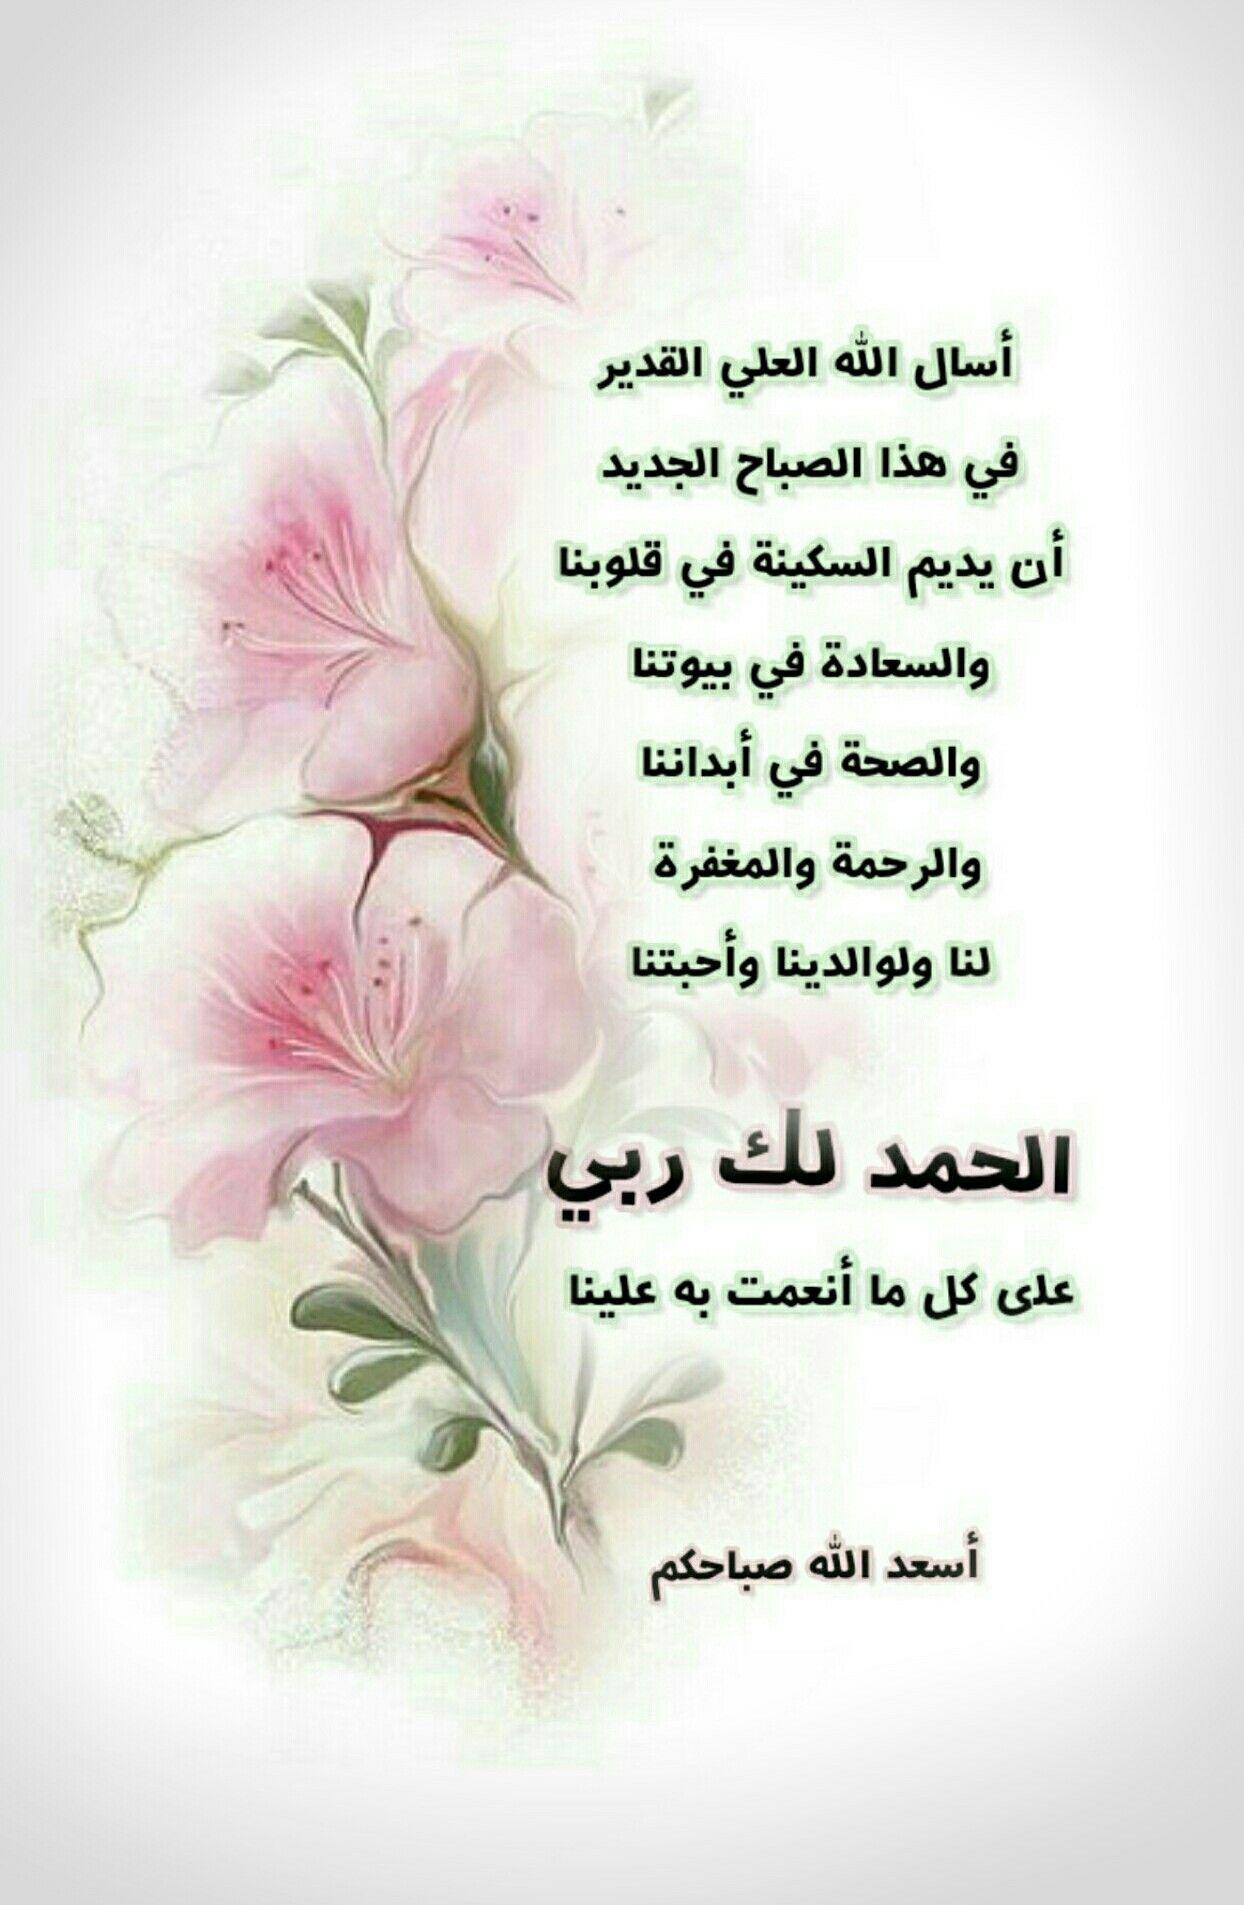 أسال الله العلي القدير في هذا الصباح الجديد أن يديم السكينة في قلوبنا والسعادة في بيوتنا والصحة في Good Morning Greetings Good Morning Arabic Morning Greeting